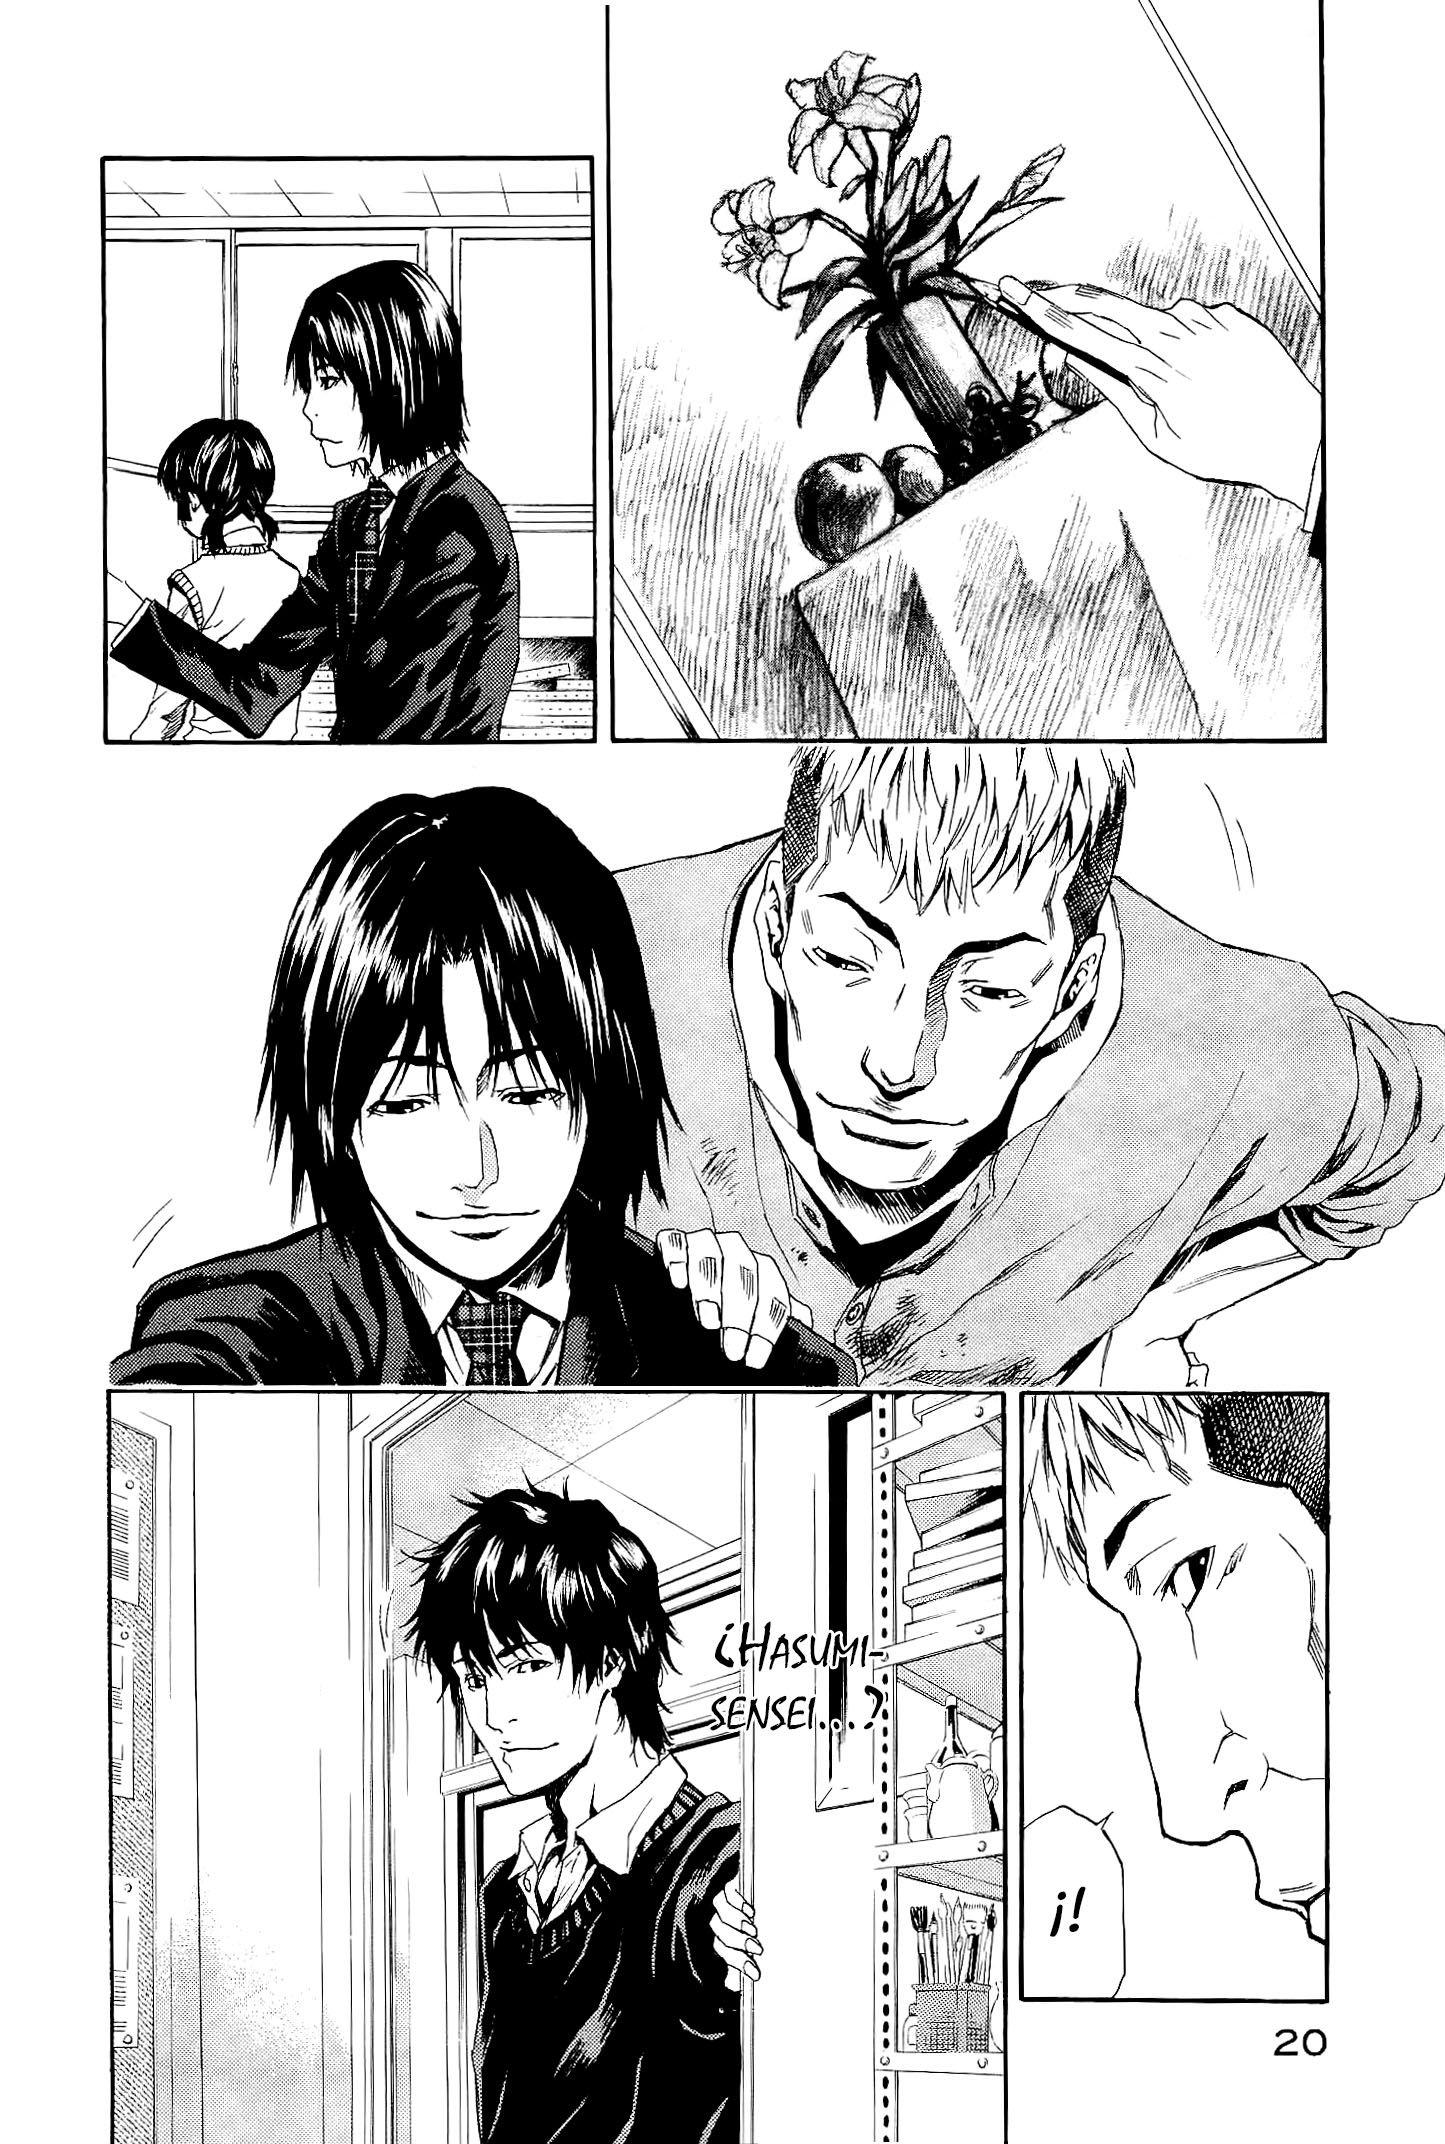 https://c5.ninemanga.com/es_manga/3/19523/468638/49041135ae59391cc2adc1fa5c821fb2.jpg Page 23